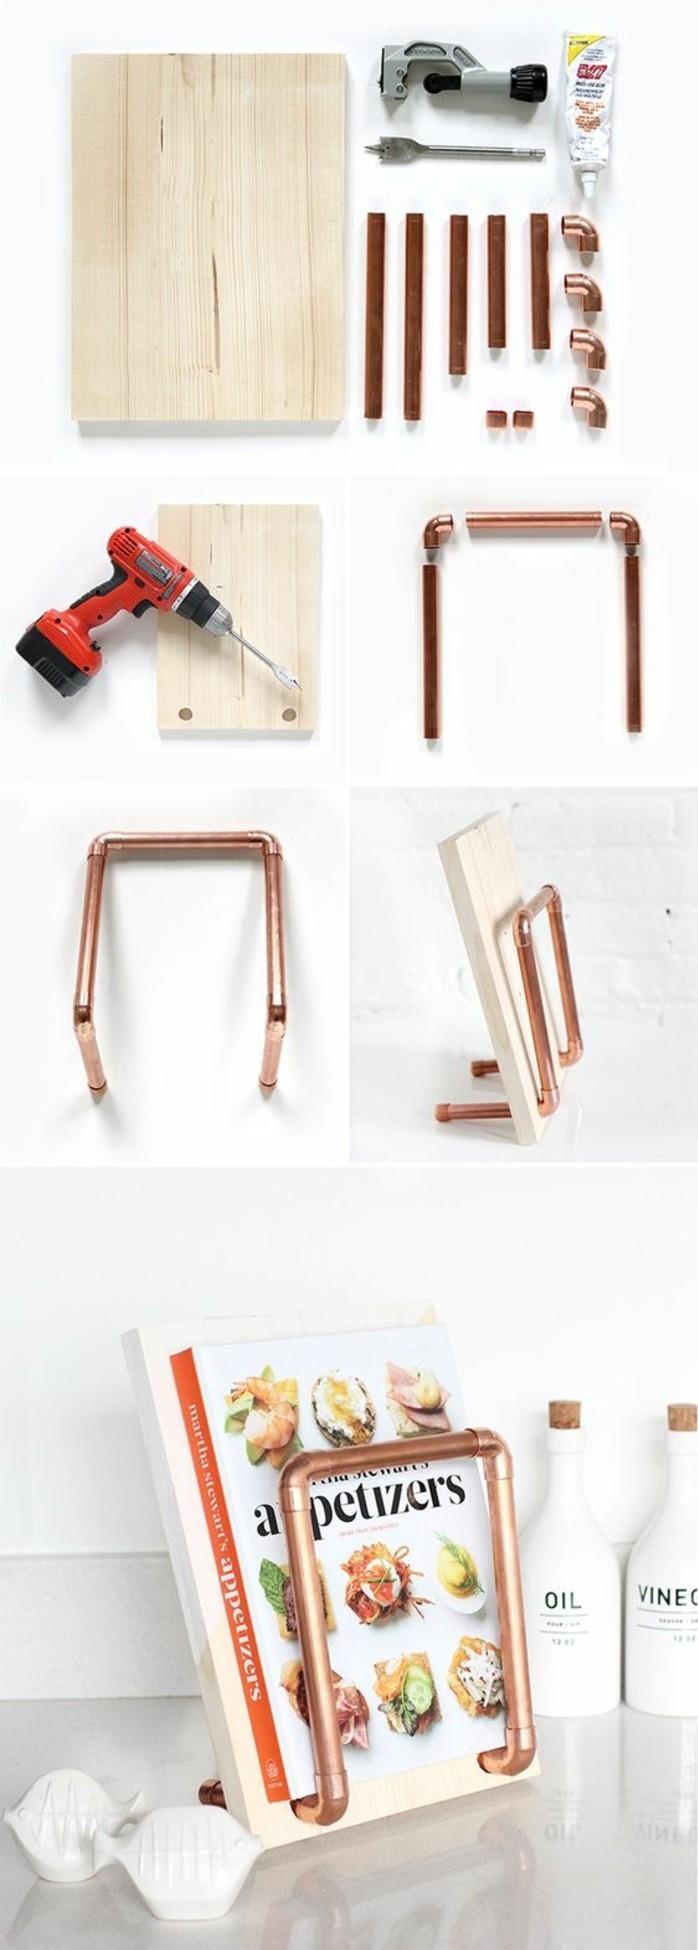 50 id es pour int grer le tube de cuivre dans votre d cor for Support livre de cuisine